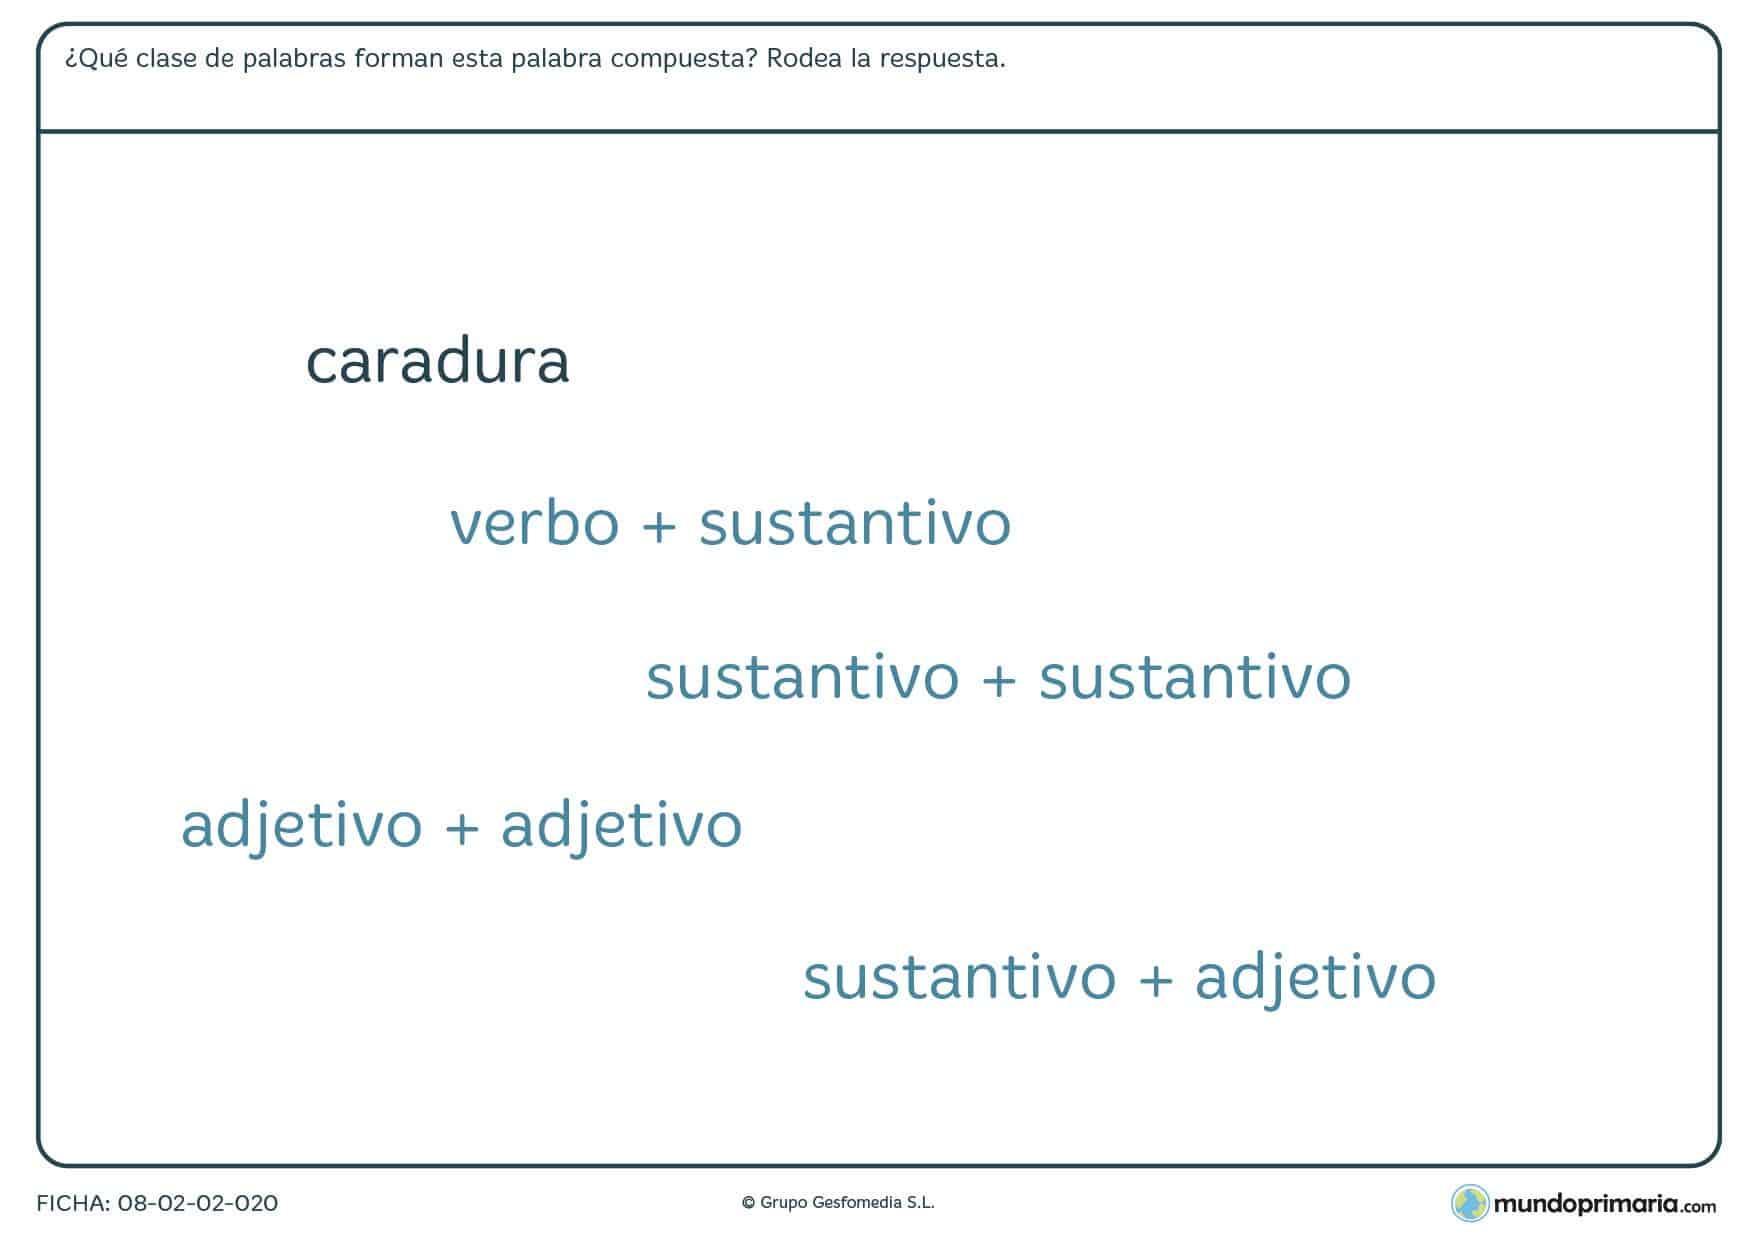 Ficha de lenguaje de composición por verbo, sustantivo o adjetivo